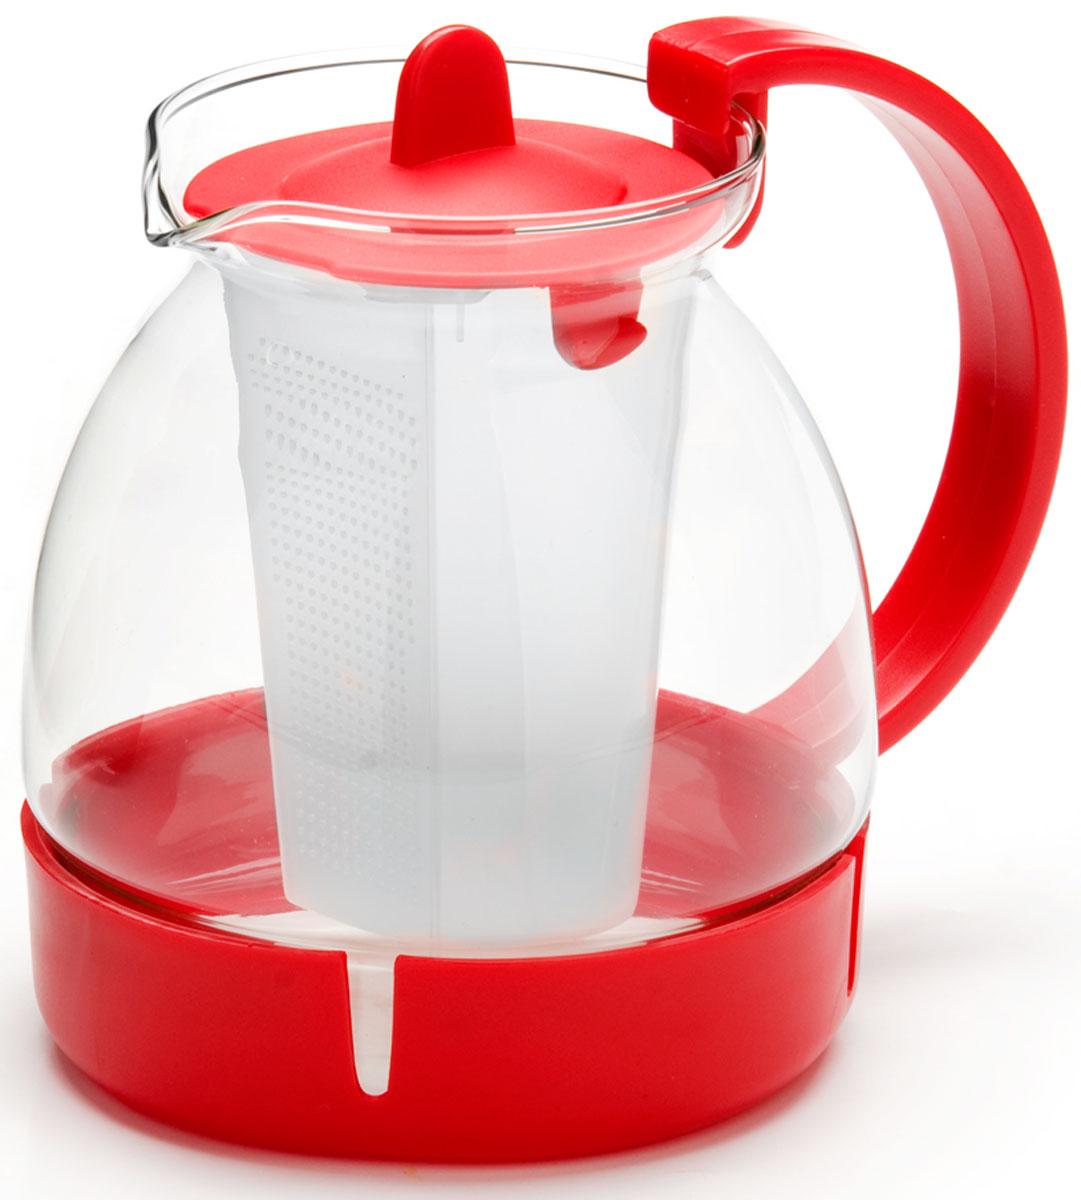 Чайник заварочный Mayer & Boch, с фильтром, цвет: красный, 1,25 л. 26171-1 чайник mayer & boch цвет стальной бирюзовый золотой 4 л 1046a